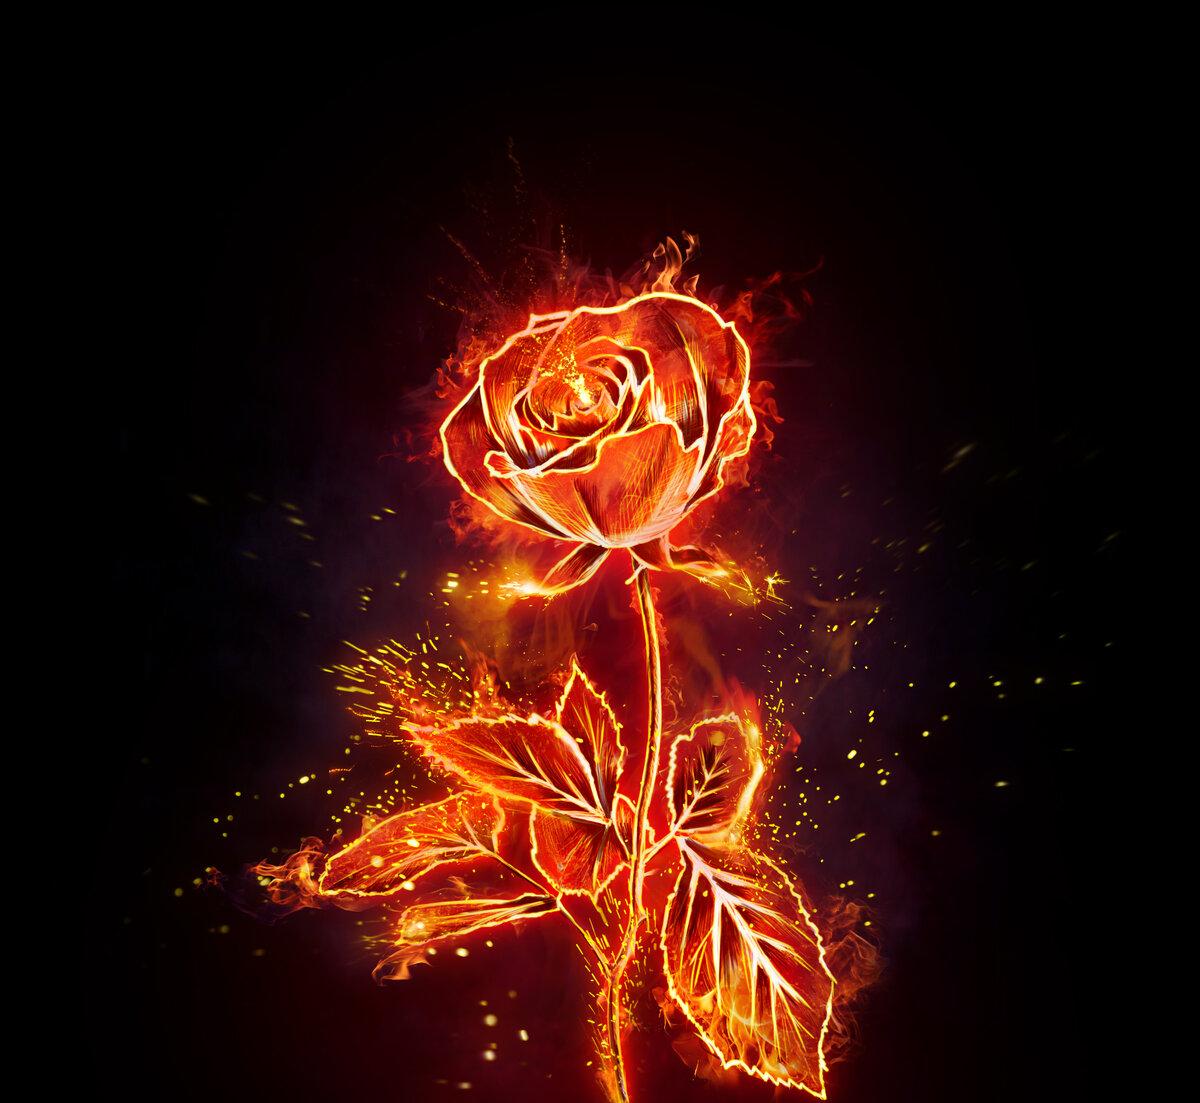 поэтому красивые огненные картинки барский автор